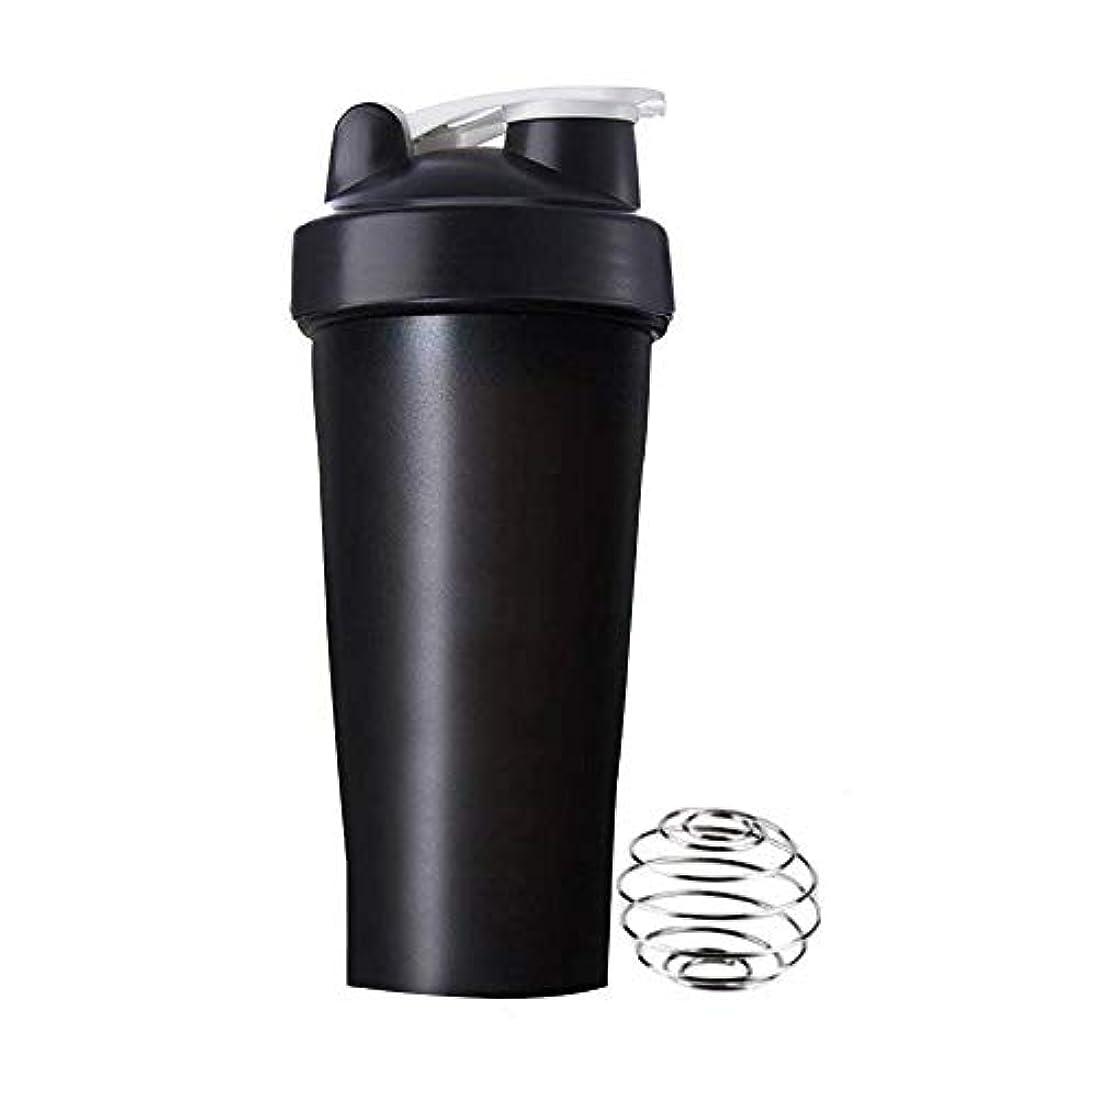 あいさつ素晴らしさ隙間Aomgsd プロテインシェイカー 直飲み プラスチックウォーターボトル ジム シェーカーボトル 600ml